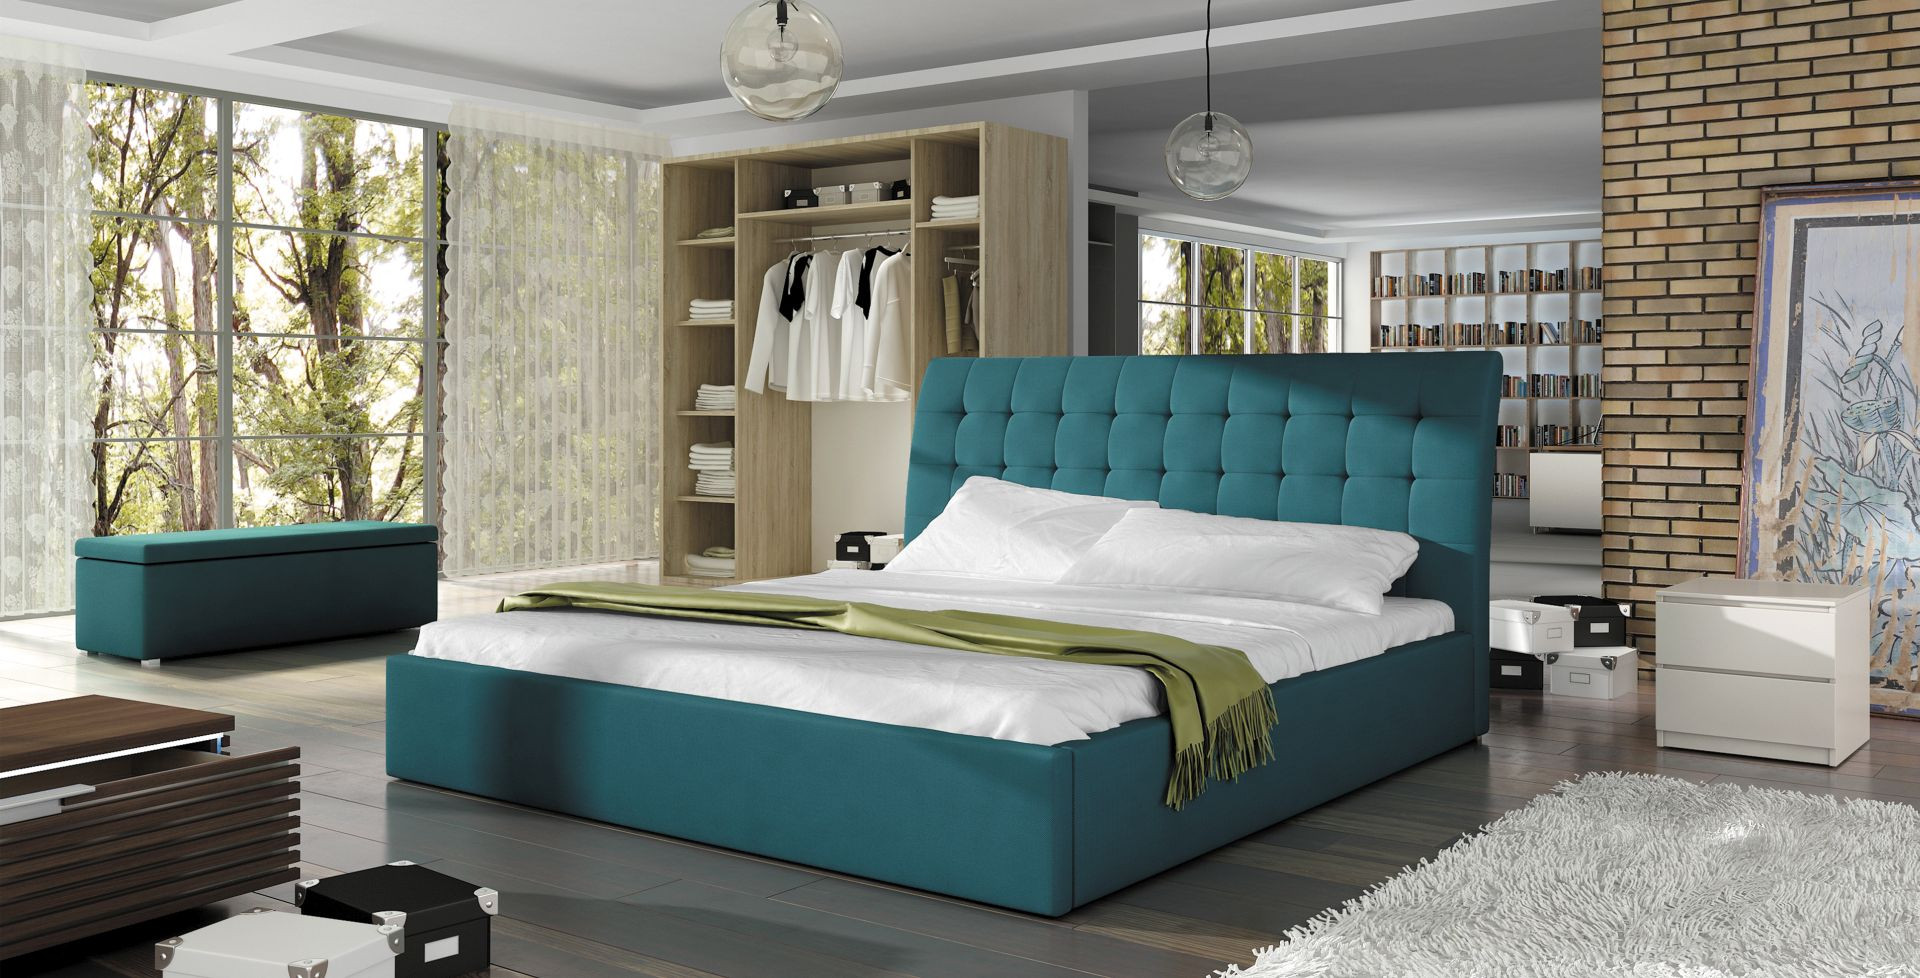 Łóżko Terasso firmy Wersal. Fot. Wersal